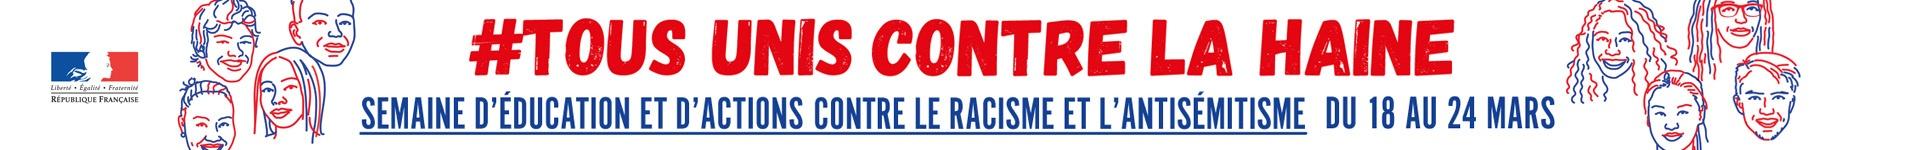 Bannière de la semaine contre le racisme